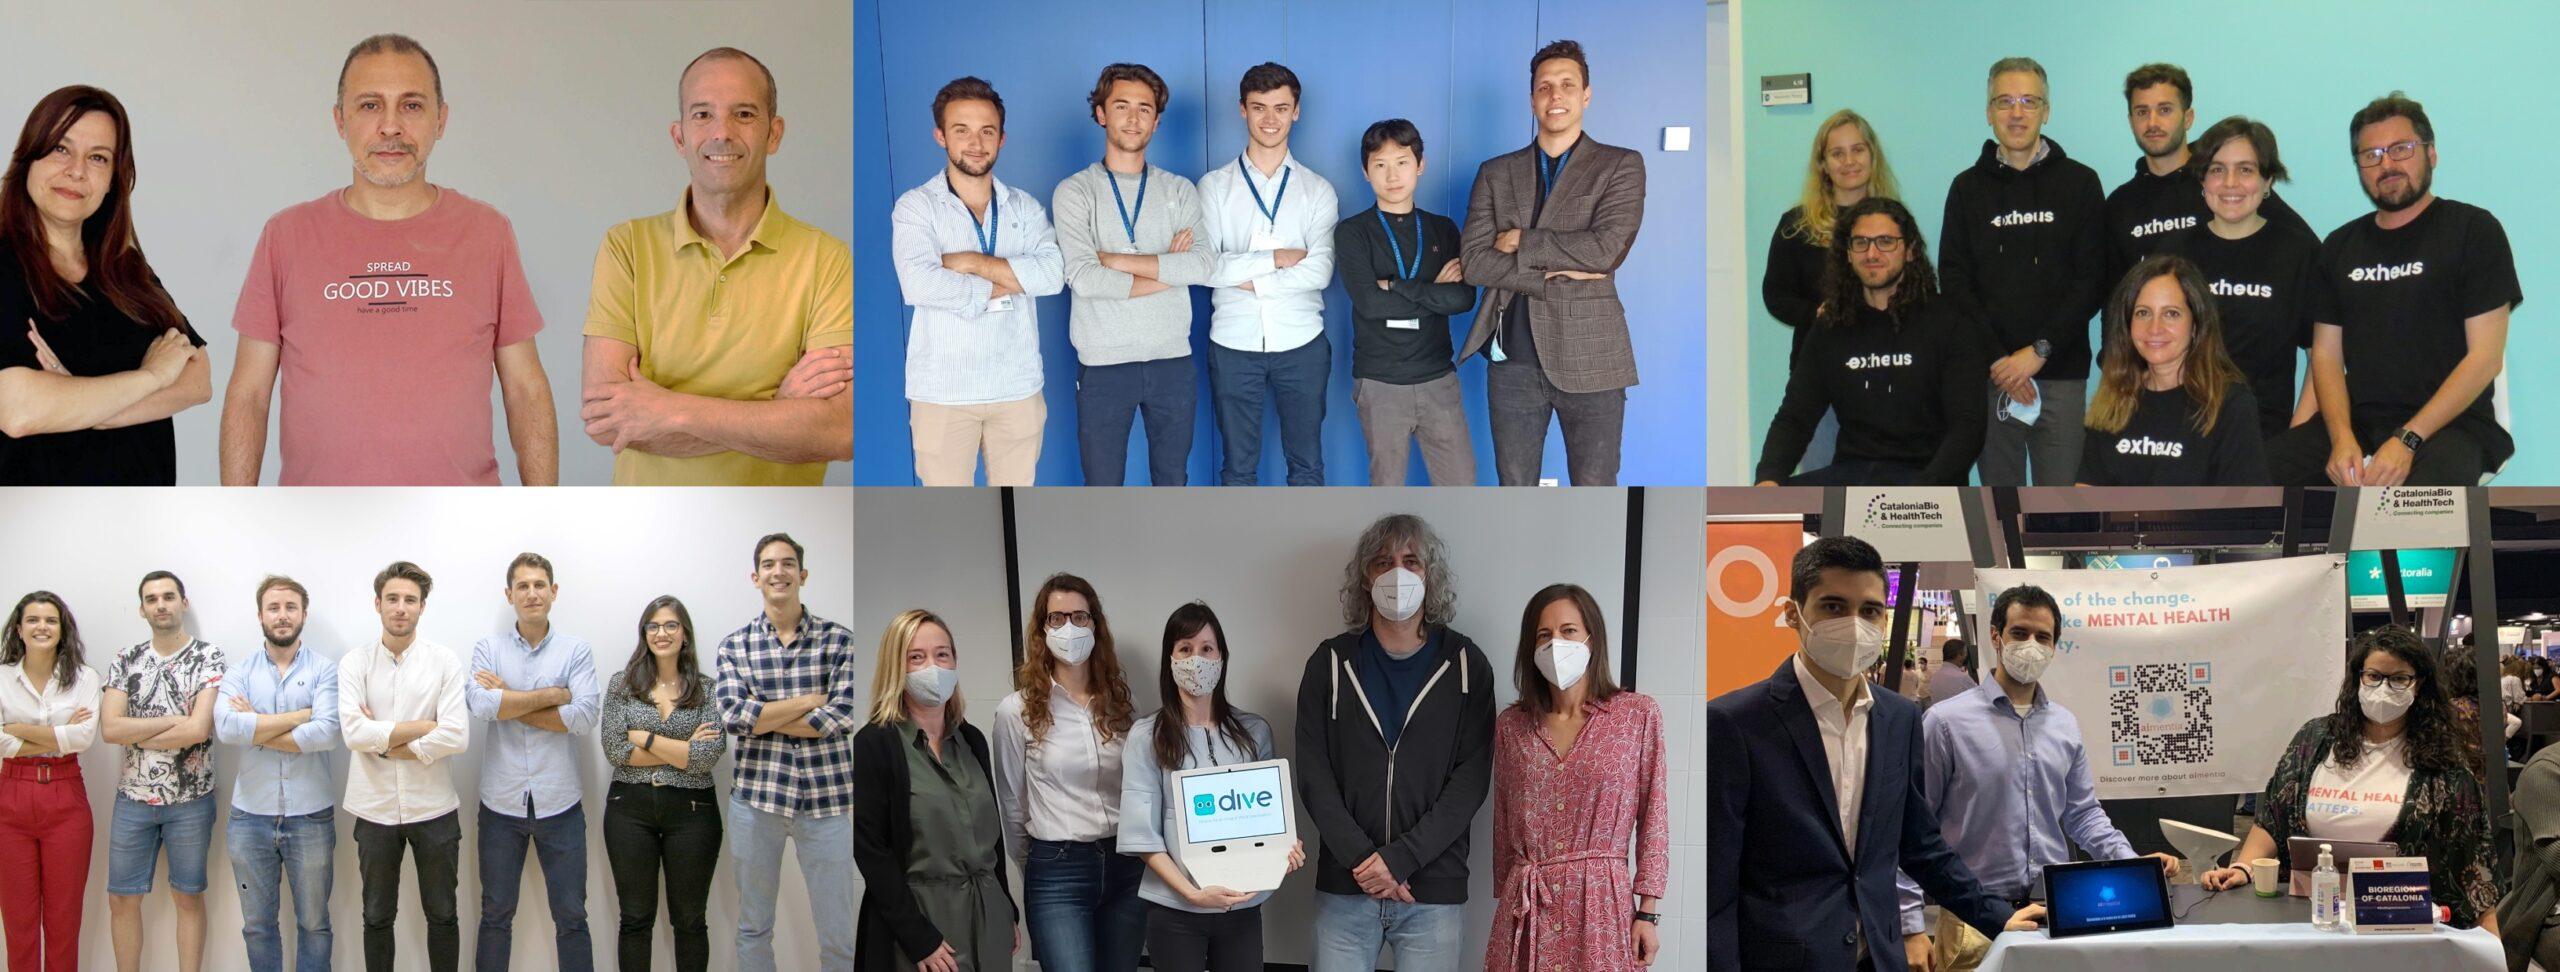 Top 10 startups healthtech del ecosistema español